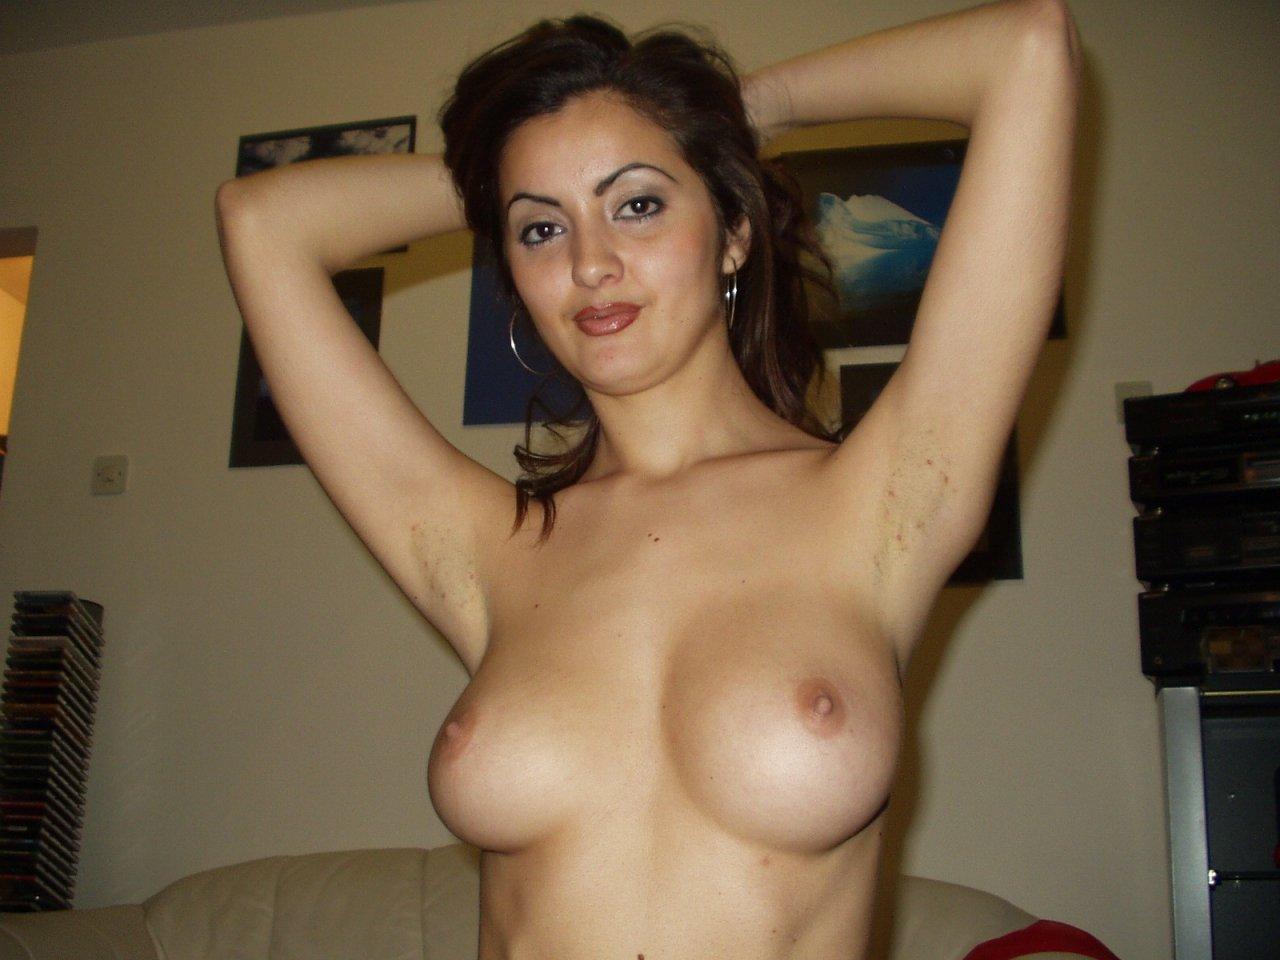 turkish-women-naked-photos-mature-lesbian-porn-photos